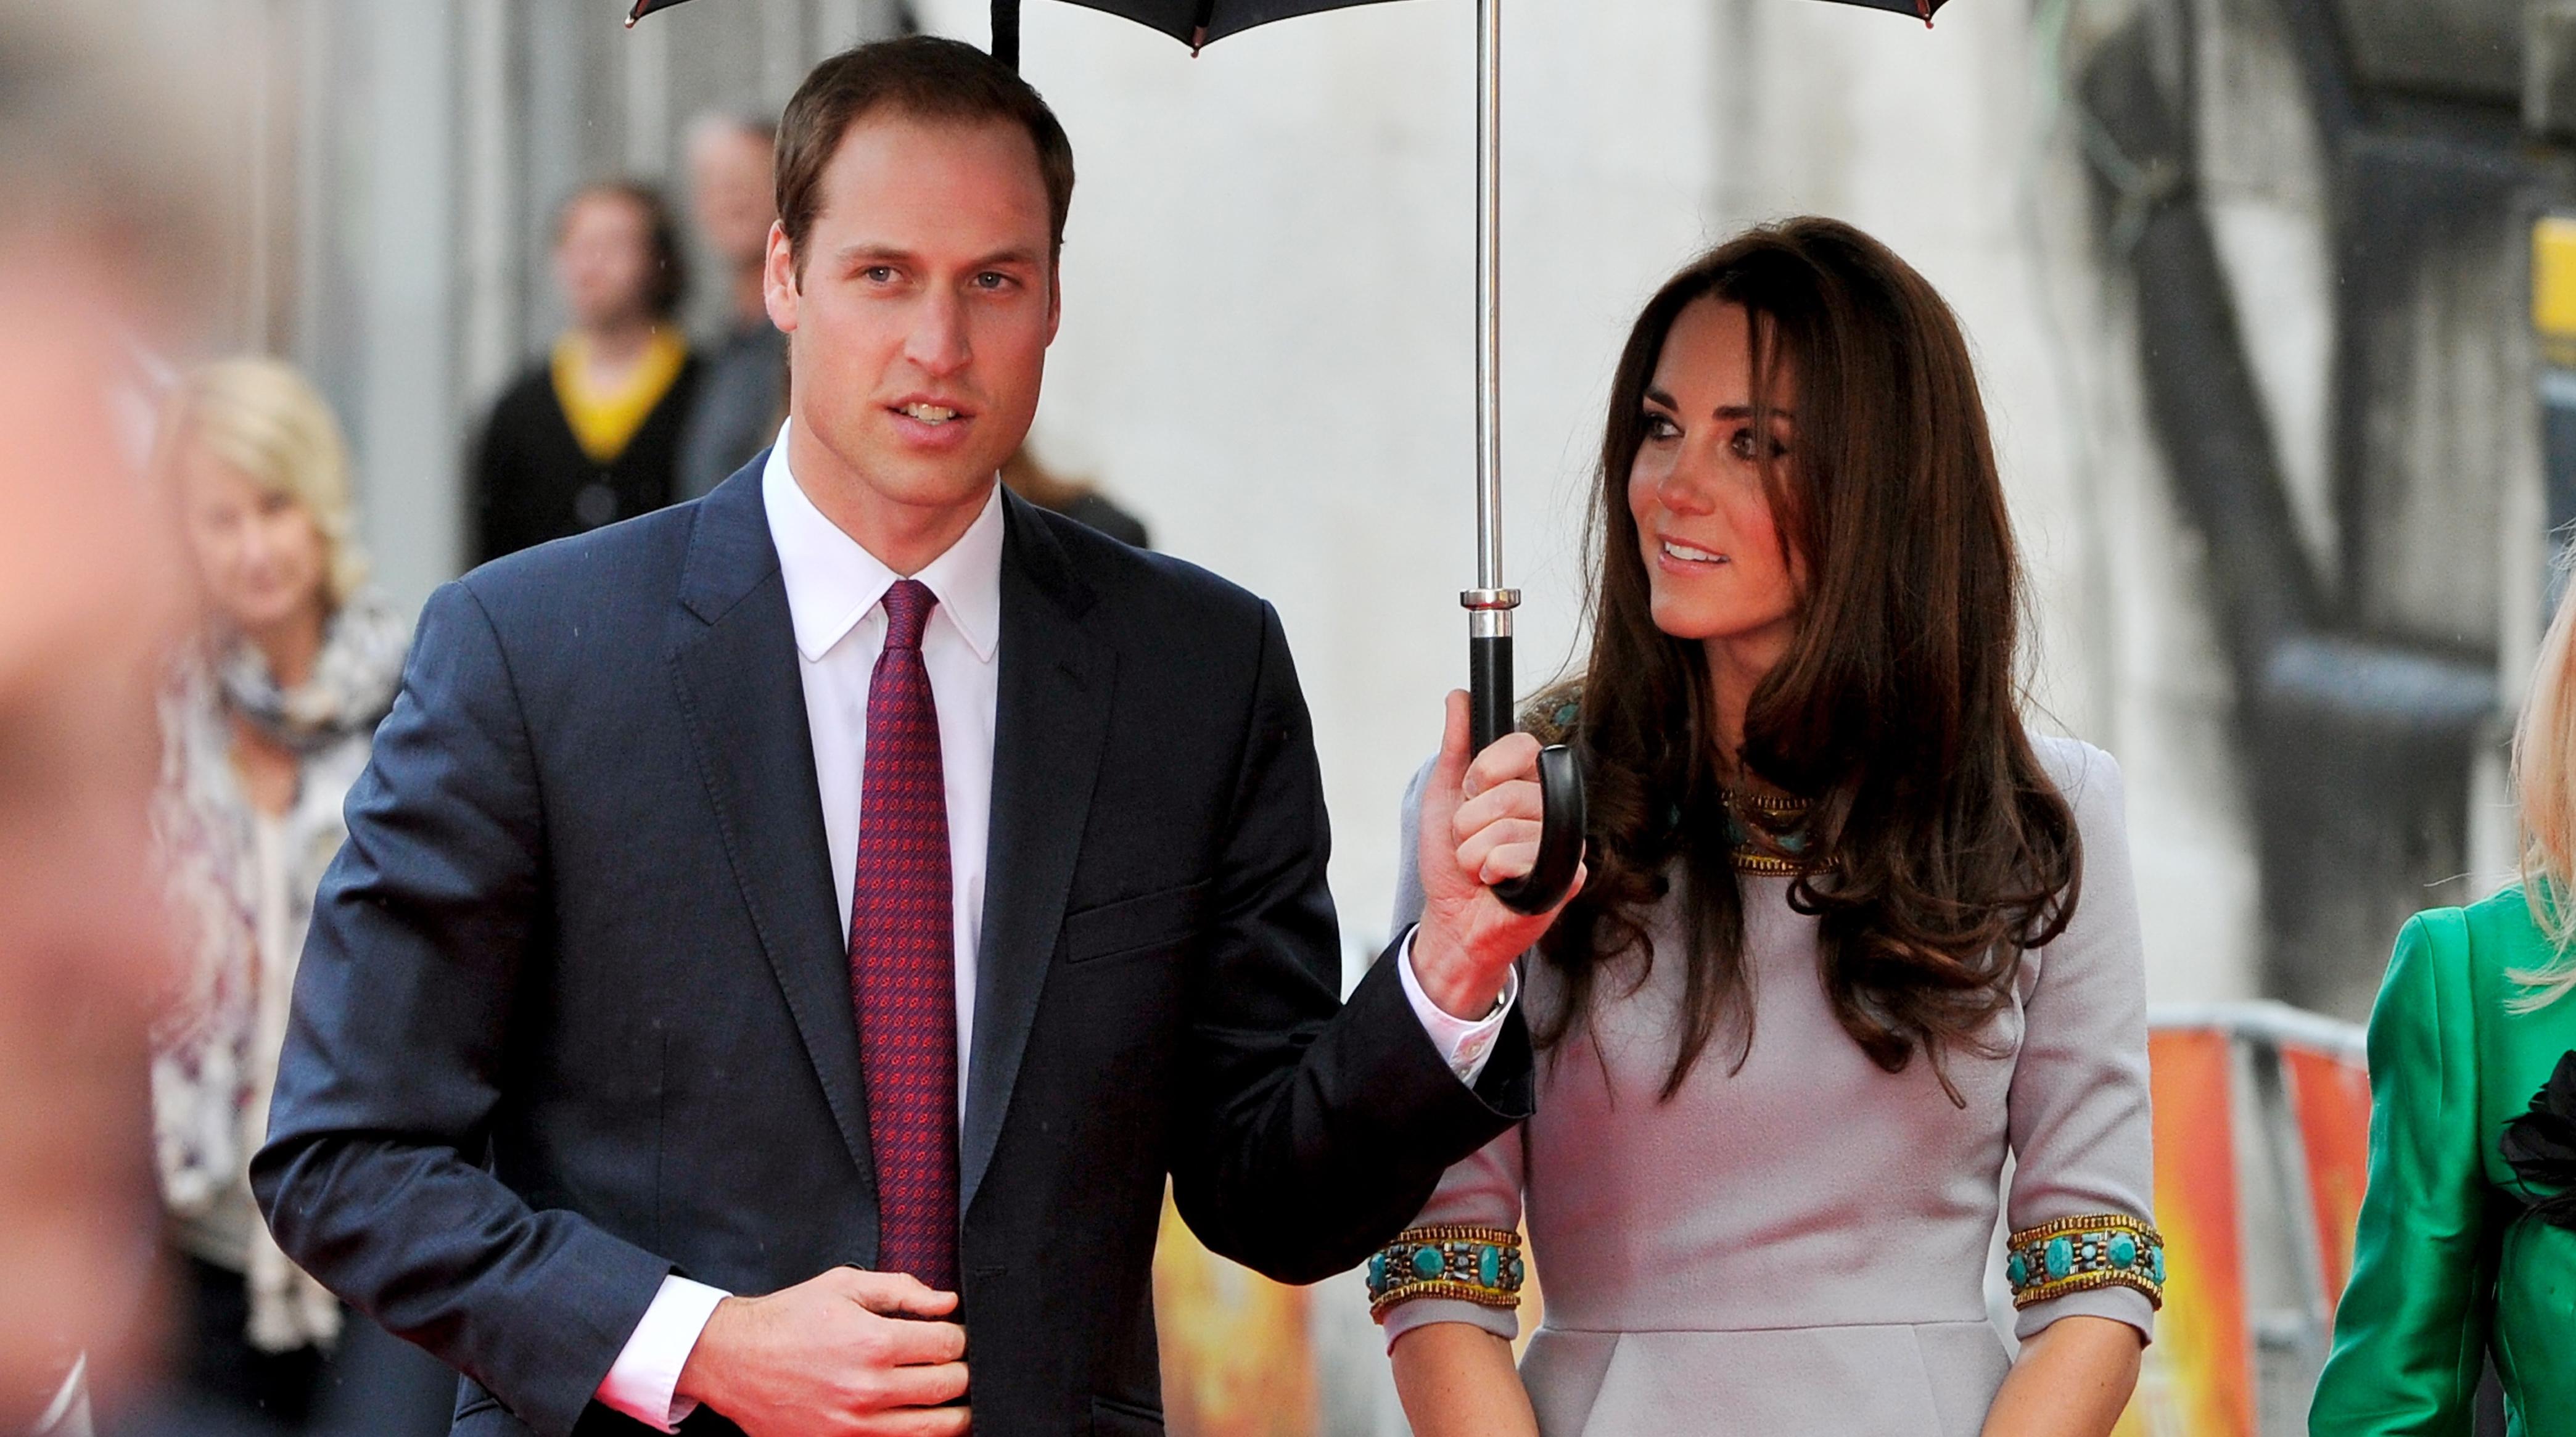 143387141 - Принц Уильям: бабушка выбрала красный китель на свадьбу